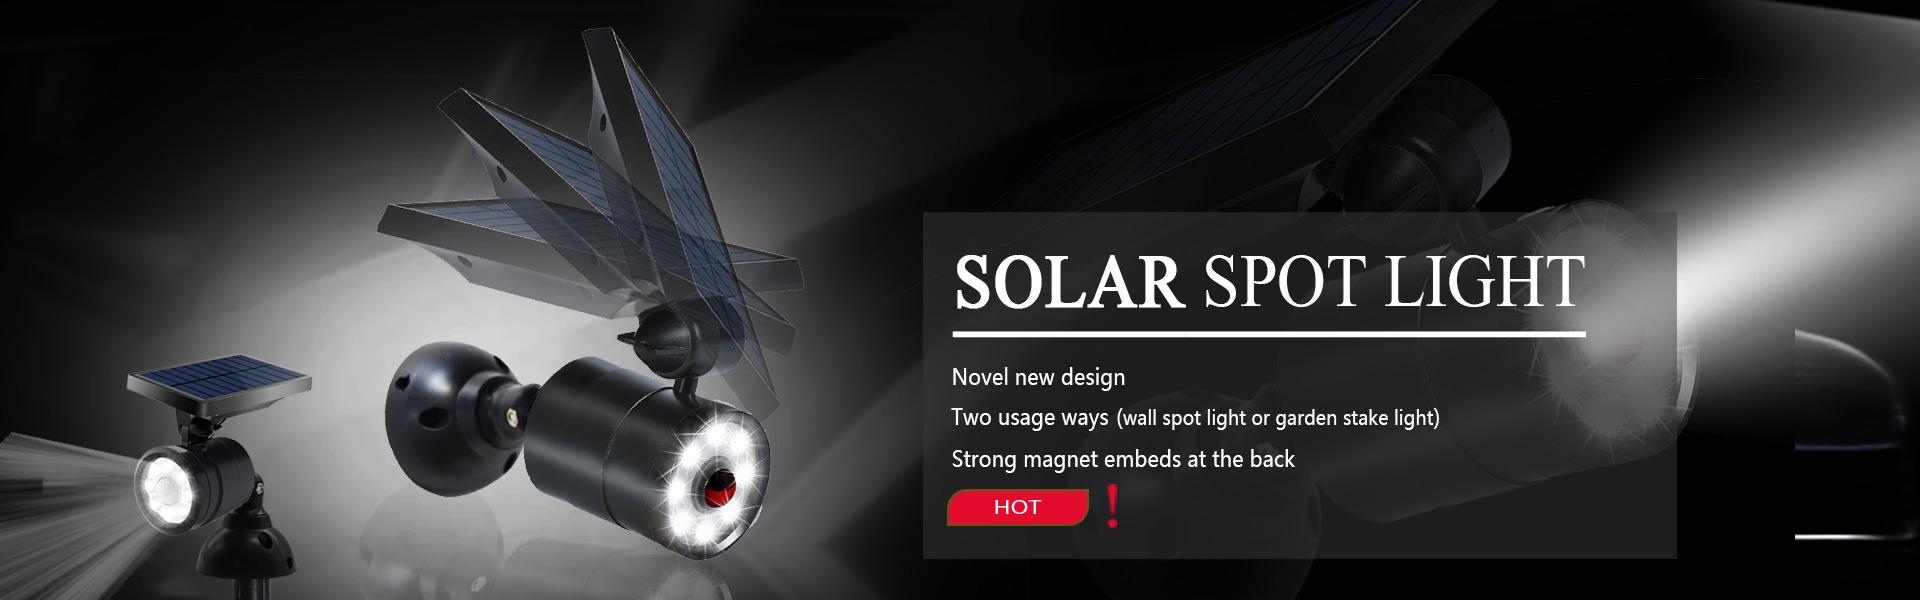 Solar Spot Light Supplier China